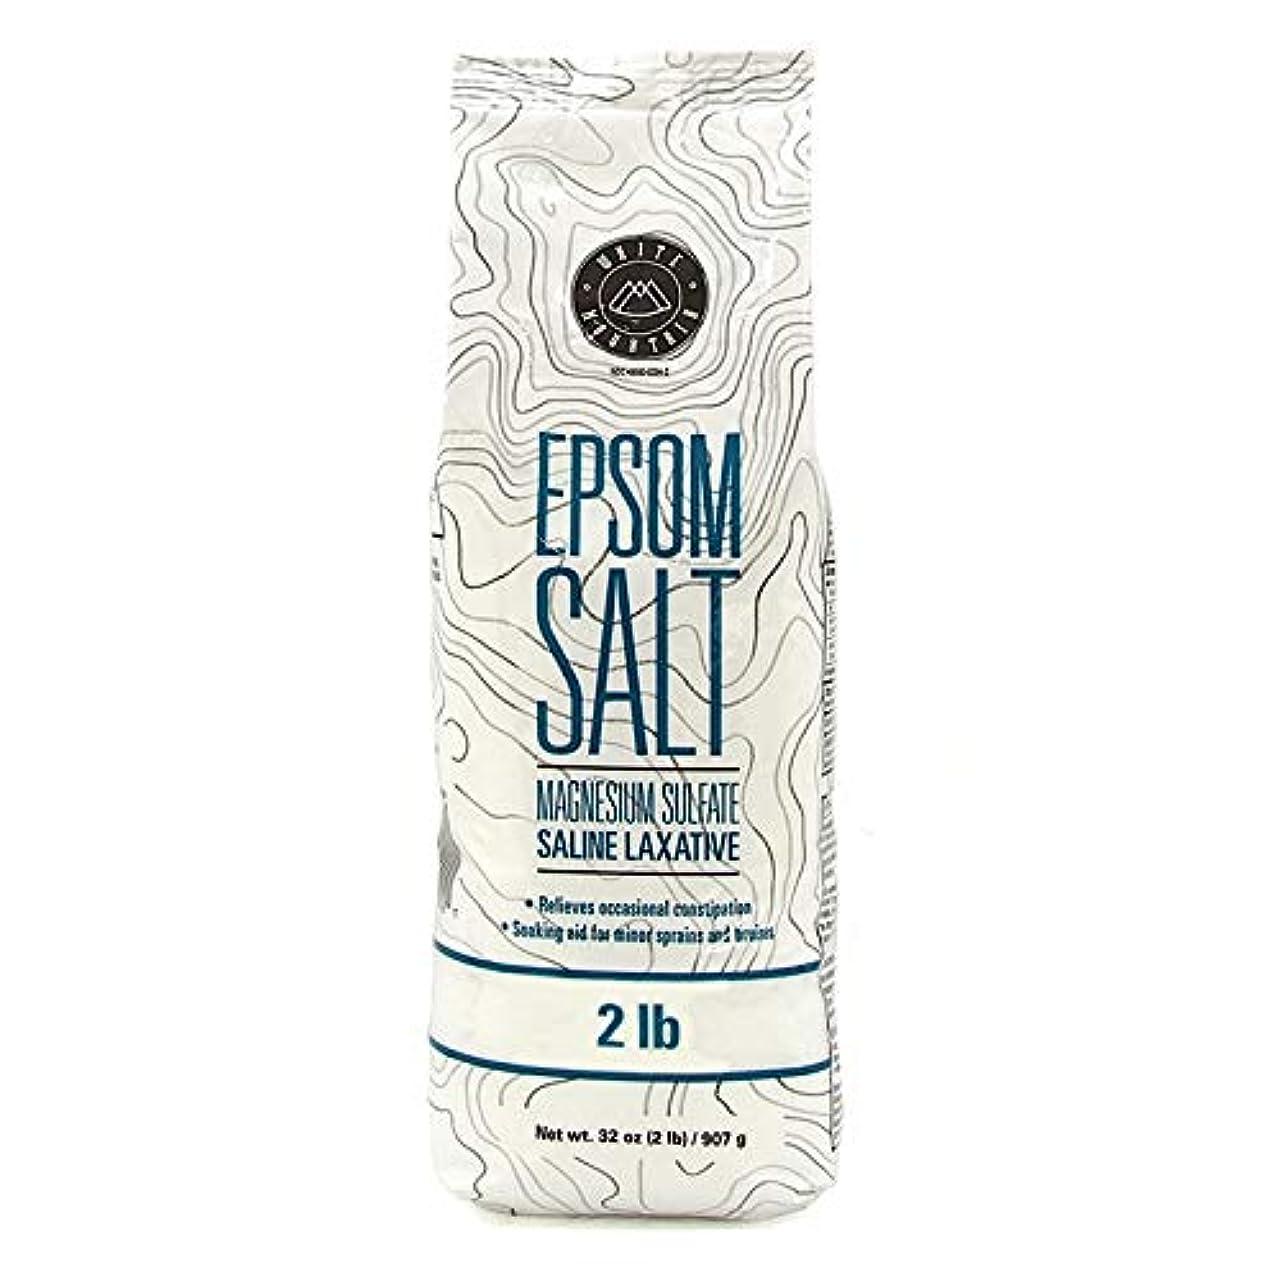 禁止する廃棄ズームインするEpsom Salt エプソムソルト / 100% Natural Mineral / エプソム塩 / マグネシウム入浴剤 / 無色?無臭